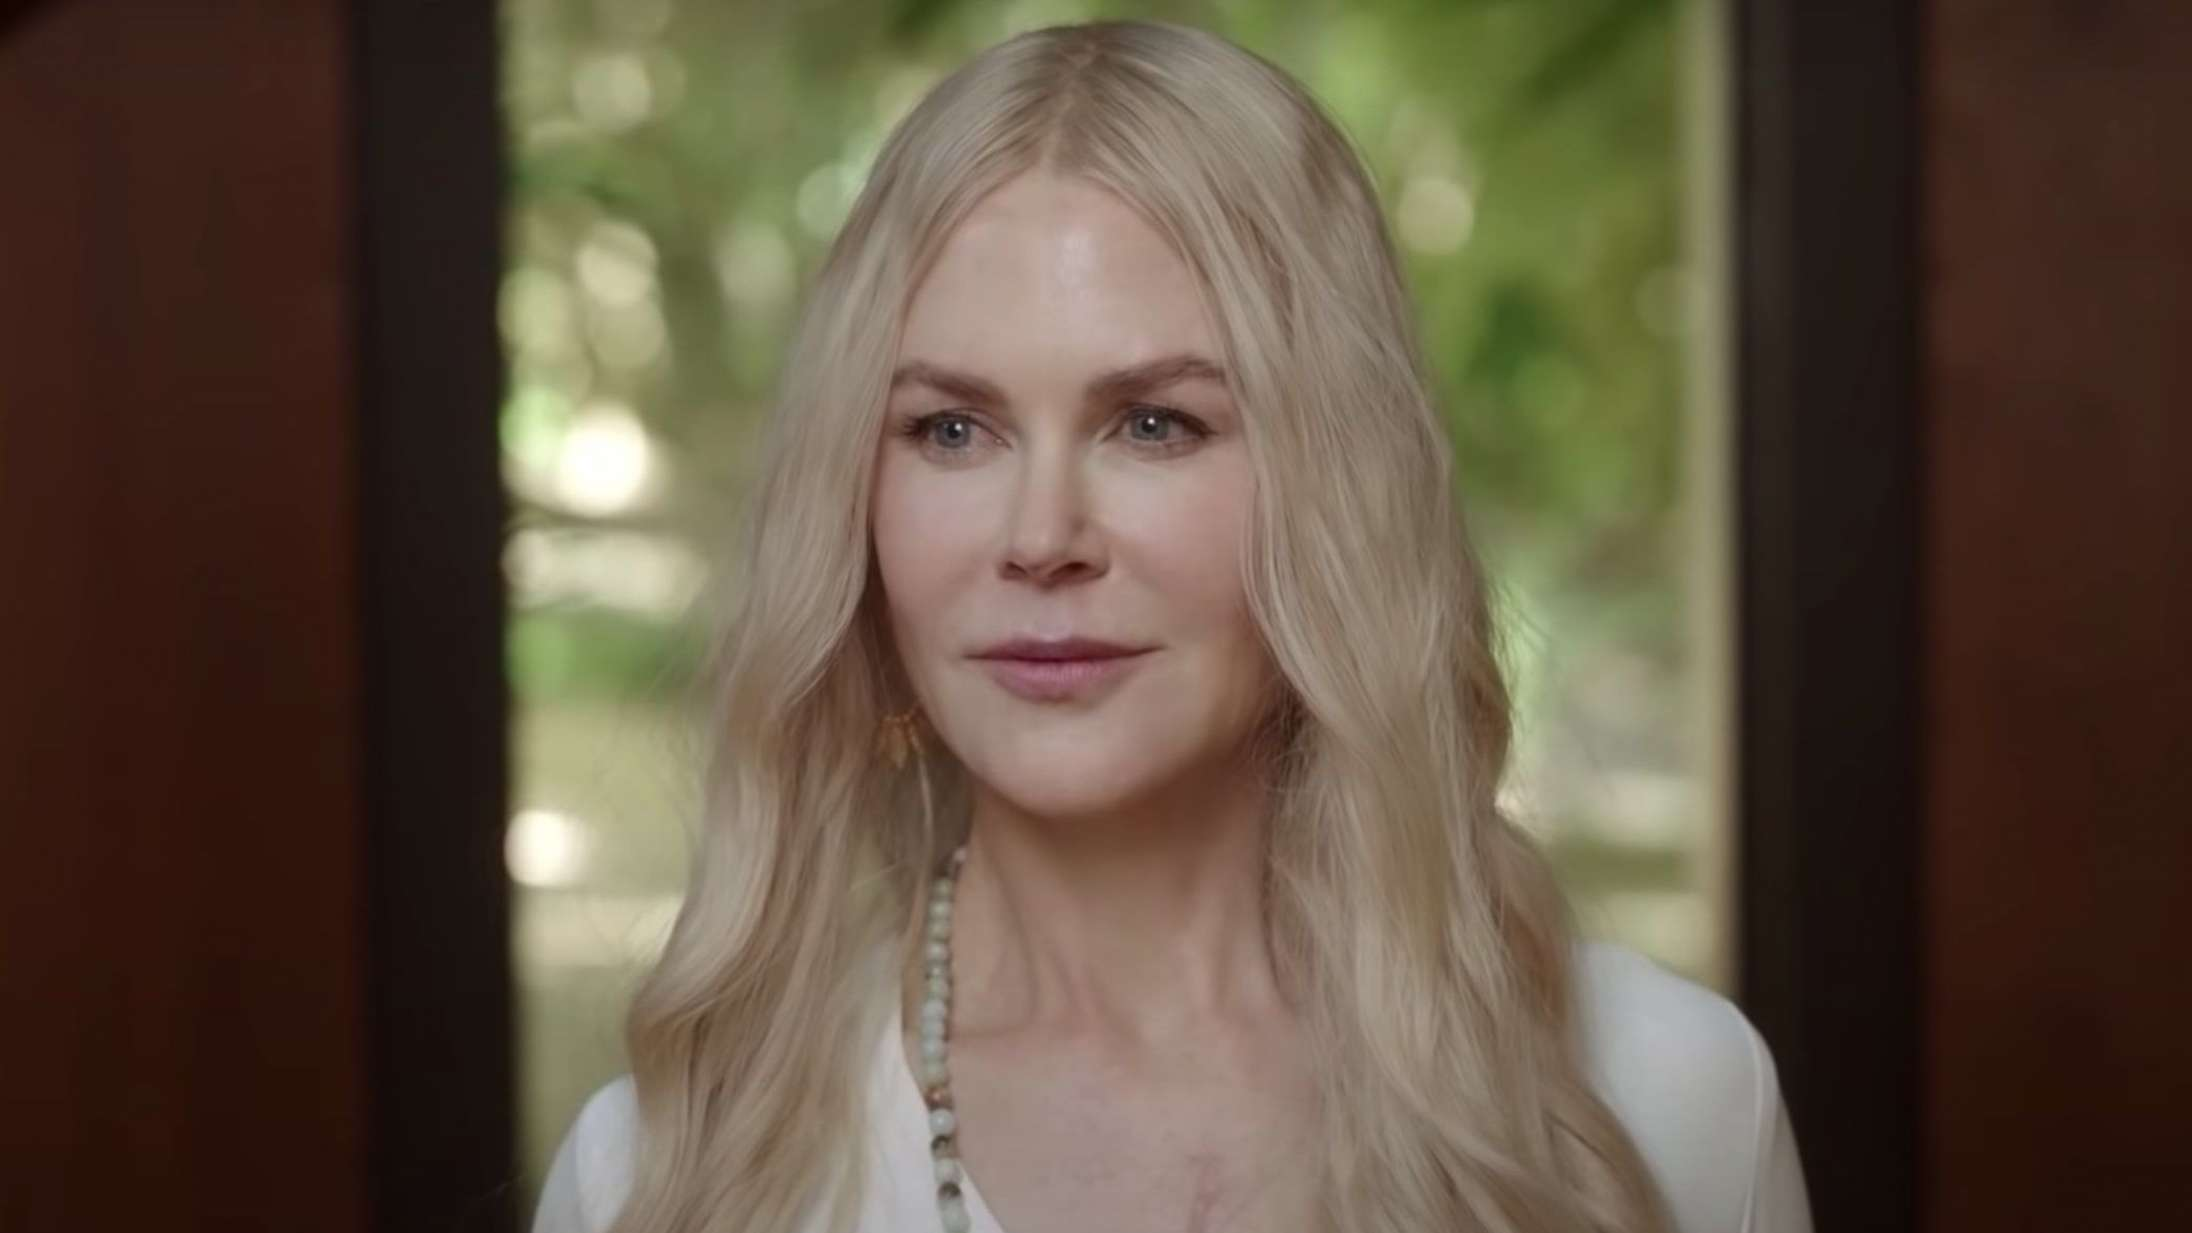 Nicole Kidman genforenes med 'Big Little Lies'-skaber i stjernespækket thrillerserie – se traileren til 'Nine Perfect Strangers'